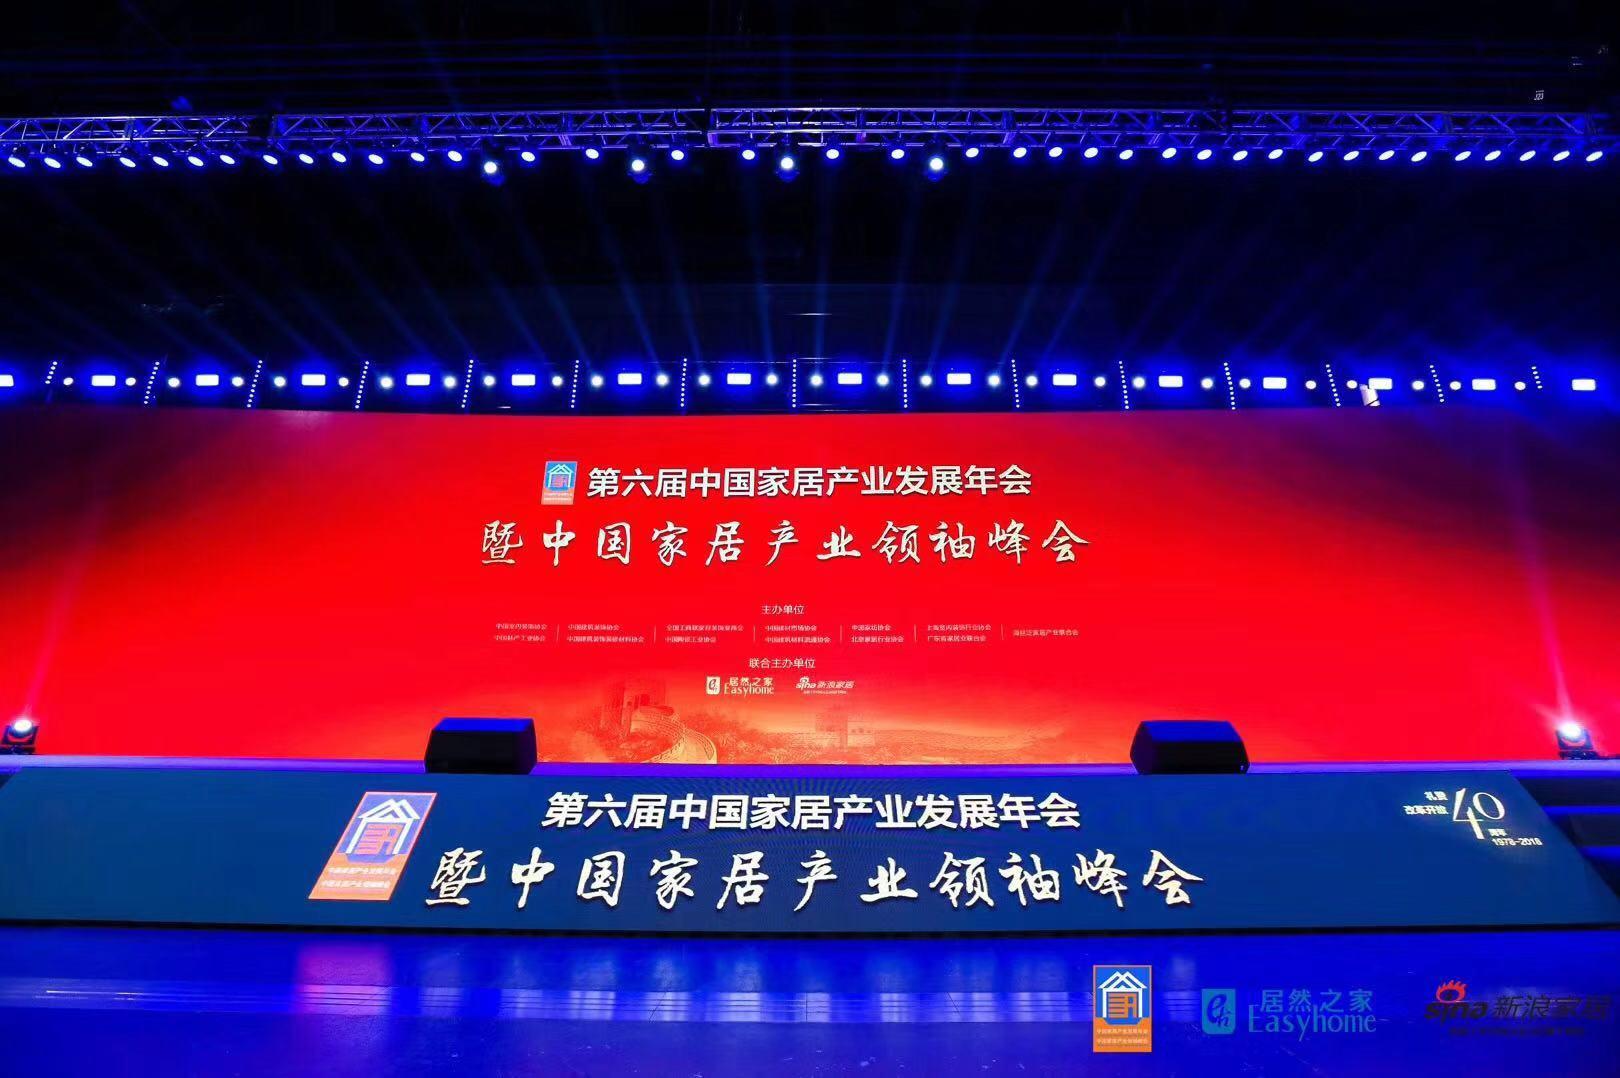 直击2018年大雁奖现场丨中国联塑再次斩获双项大奖